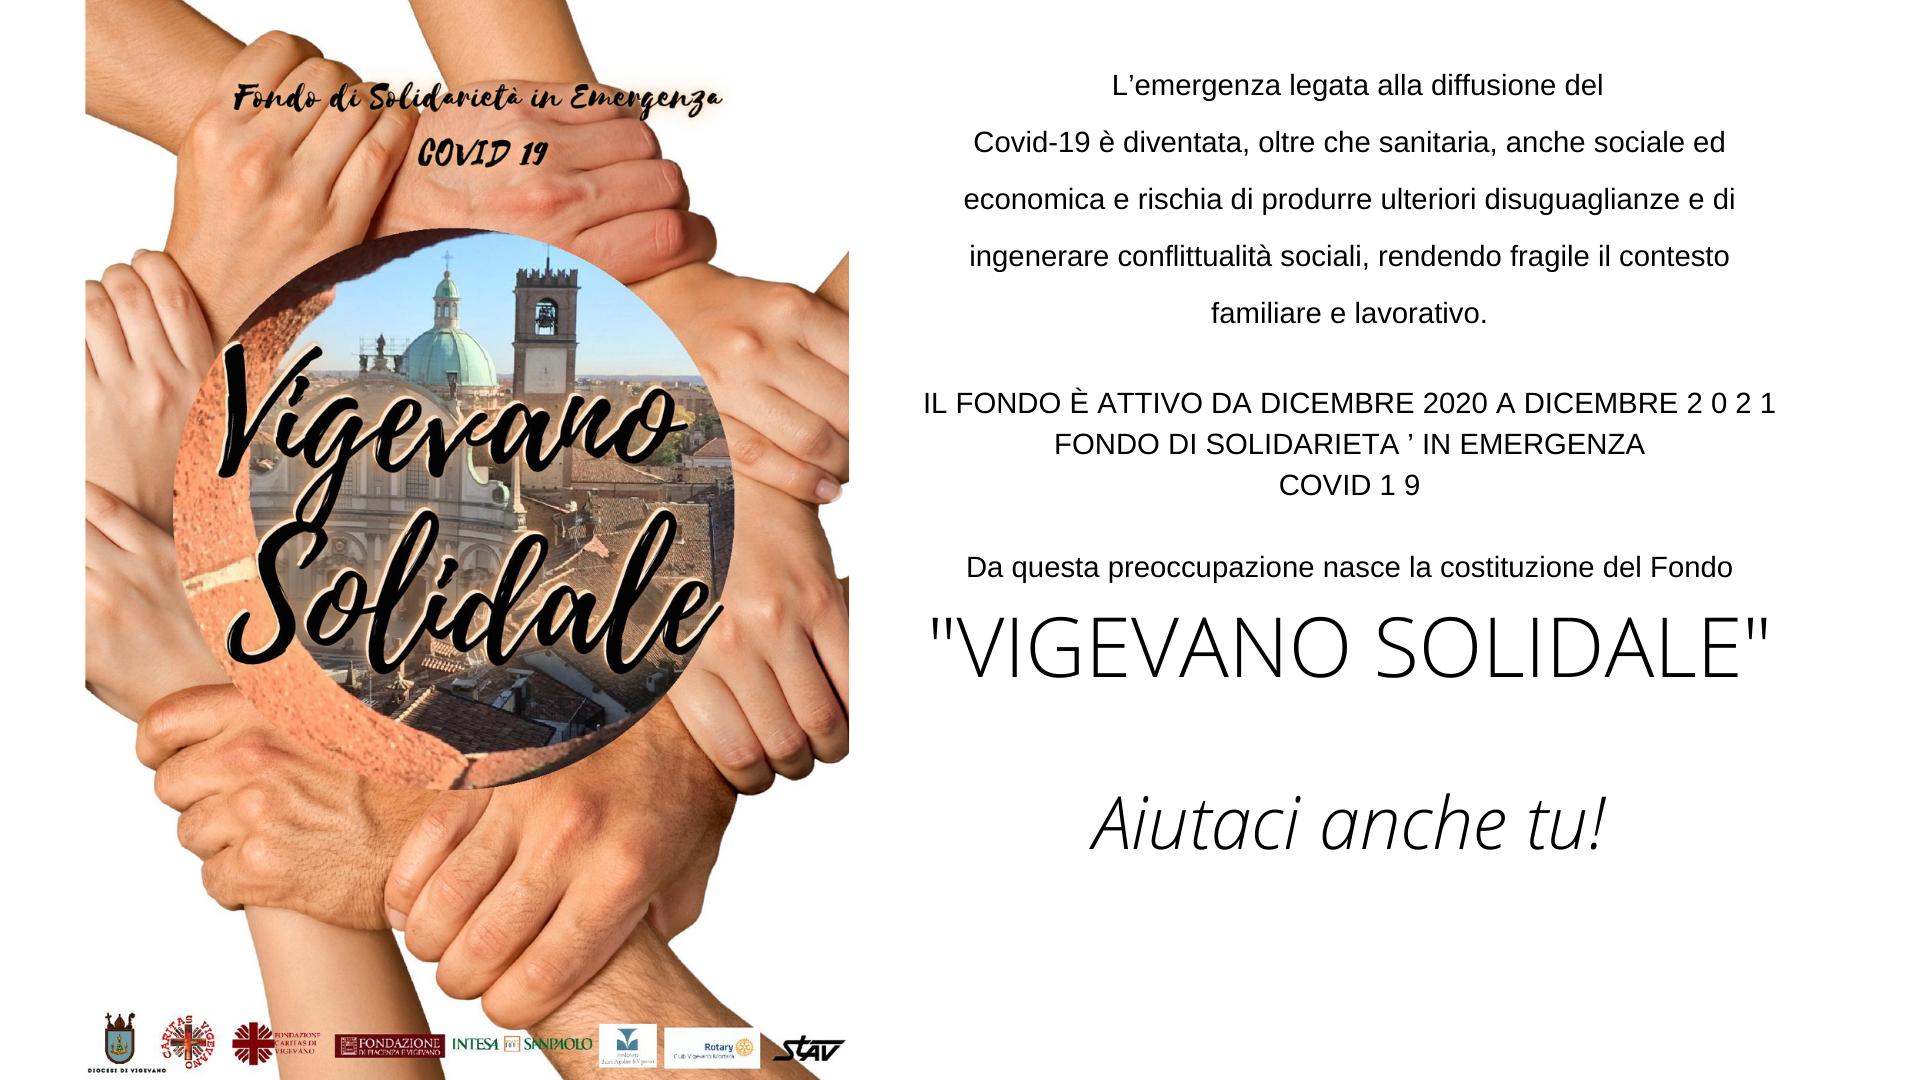 Copia_di_vigevano_solidale